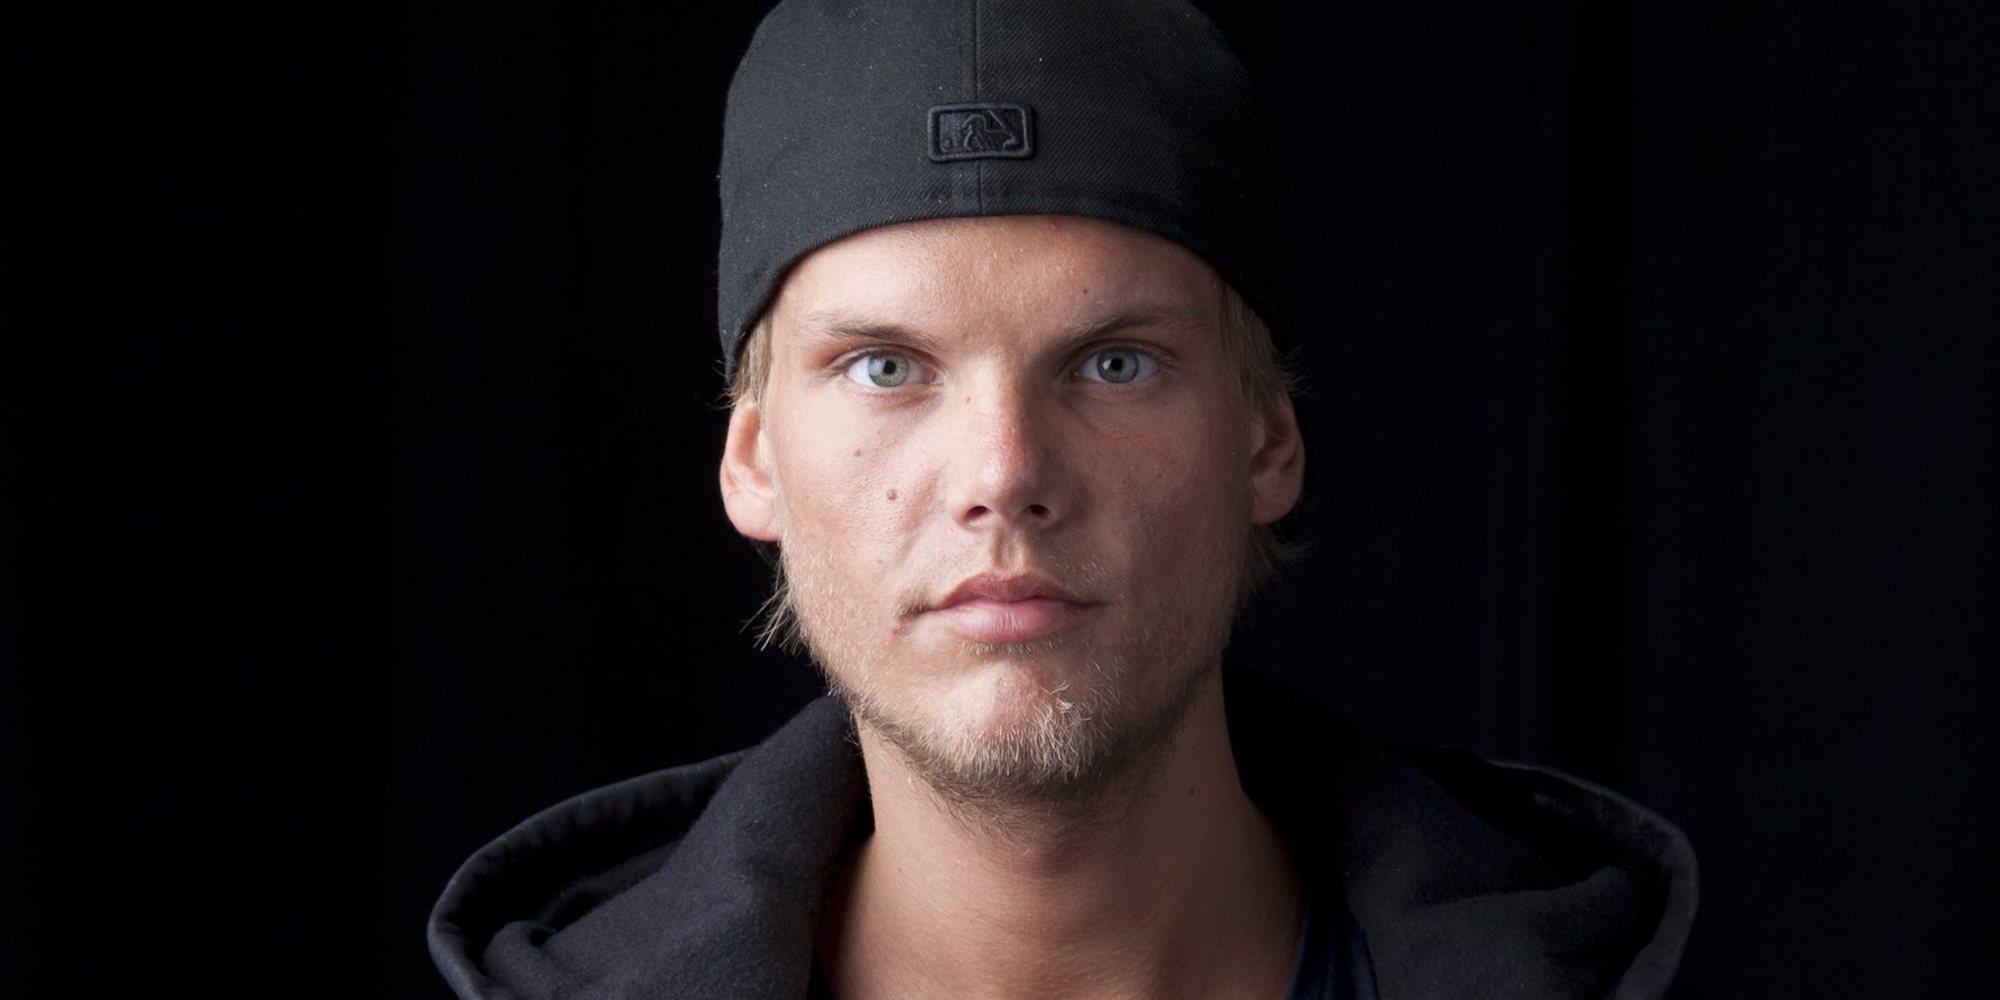 Familiares y amigos han dado el último adiós a Avicii en un funeral privado en Estocolmo